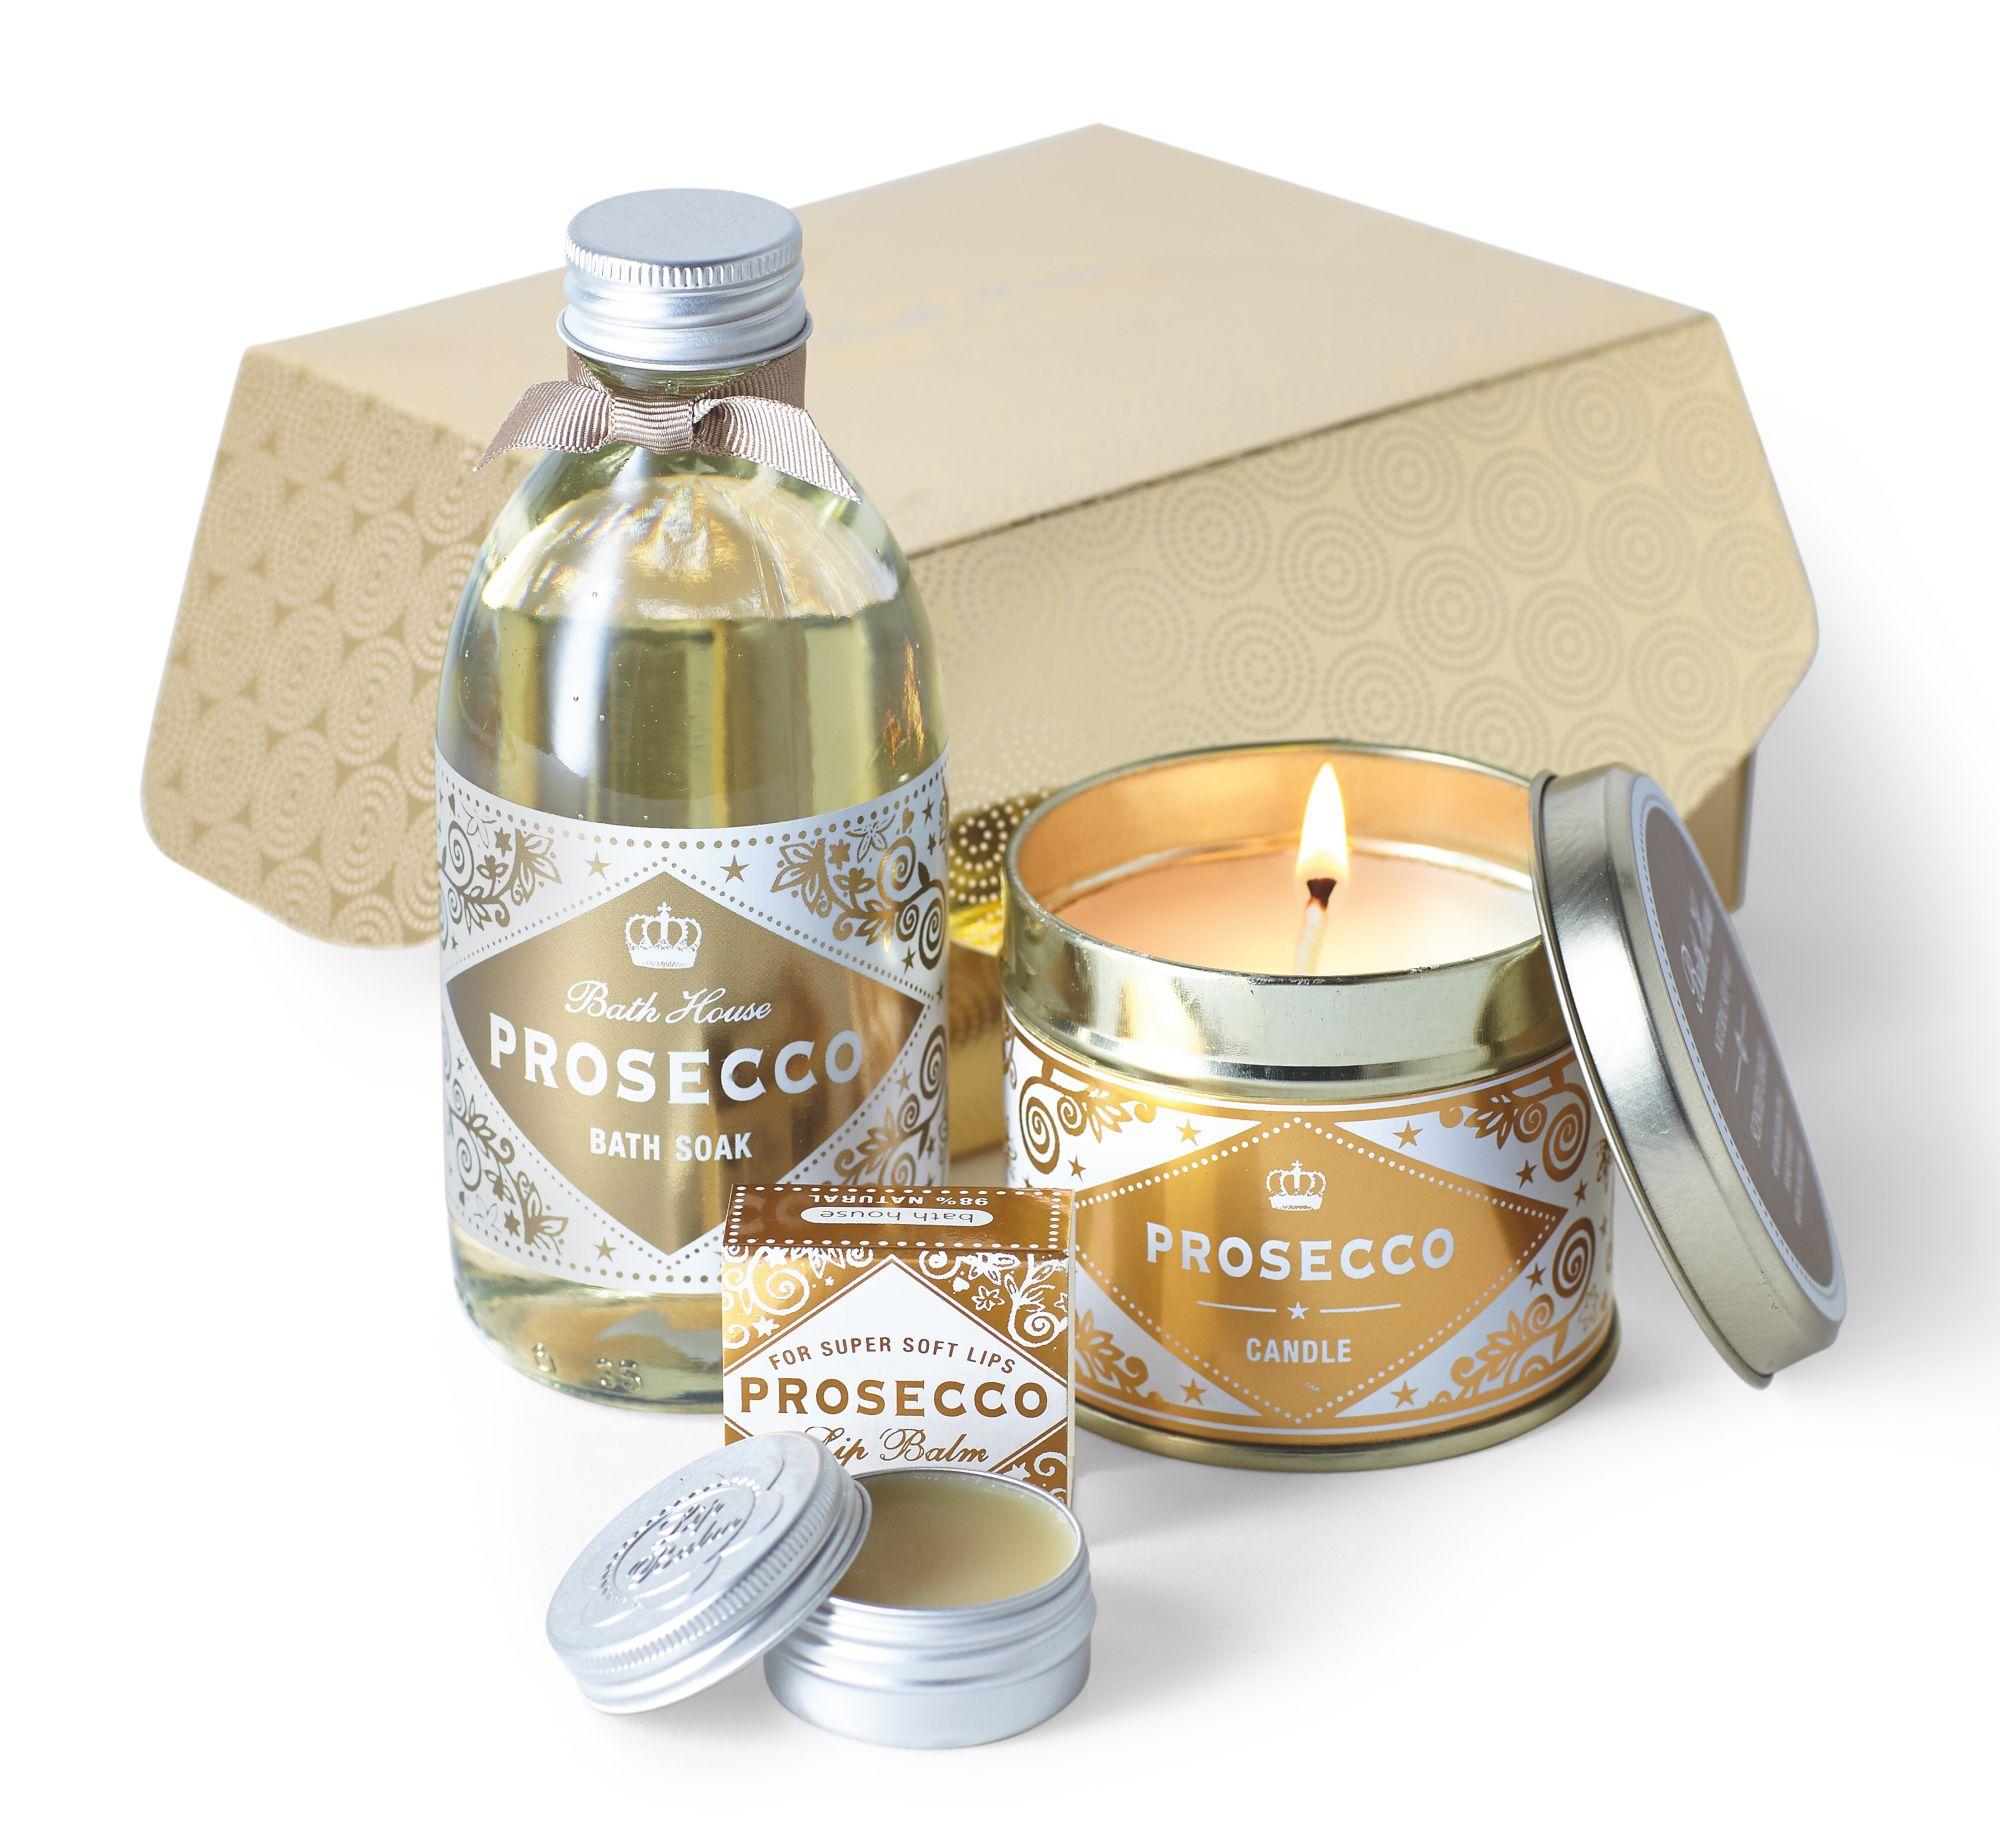 Image of Bath House Prosecco Indulgence Gift Box